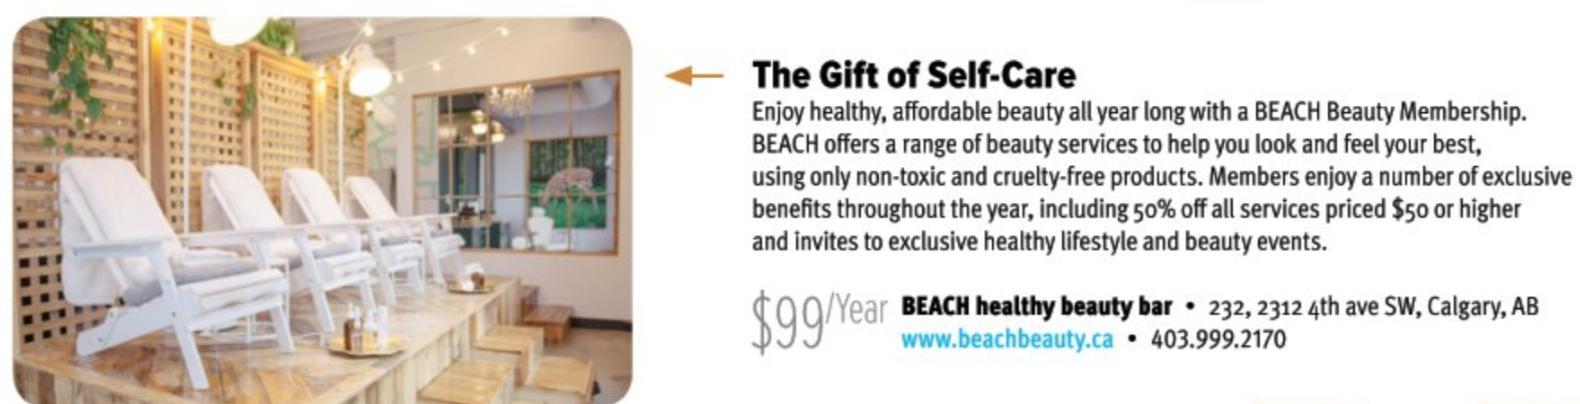 beach-impact-magazine